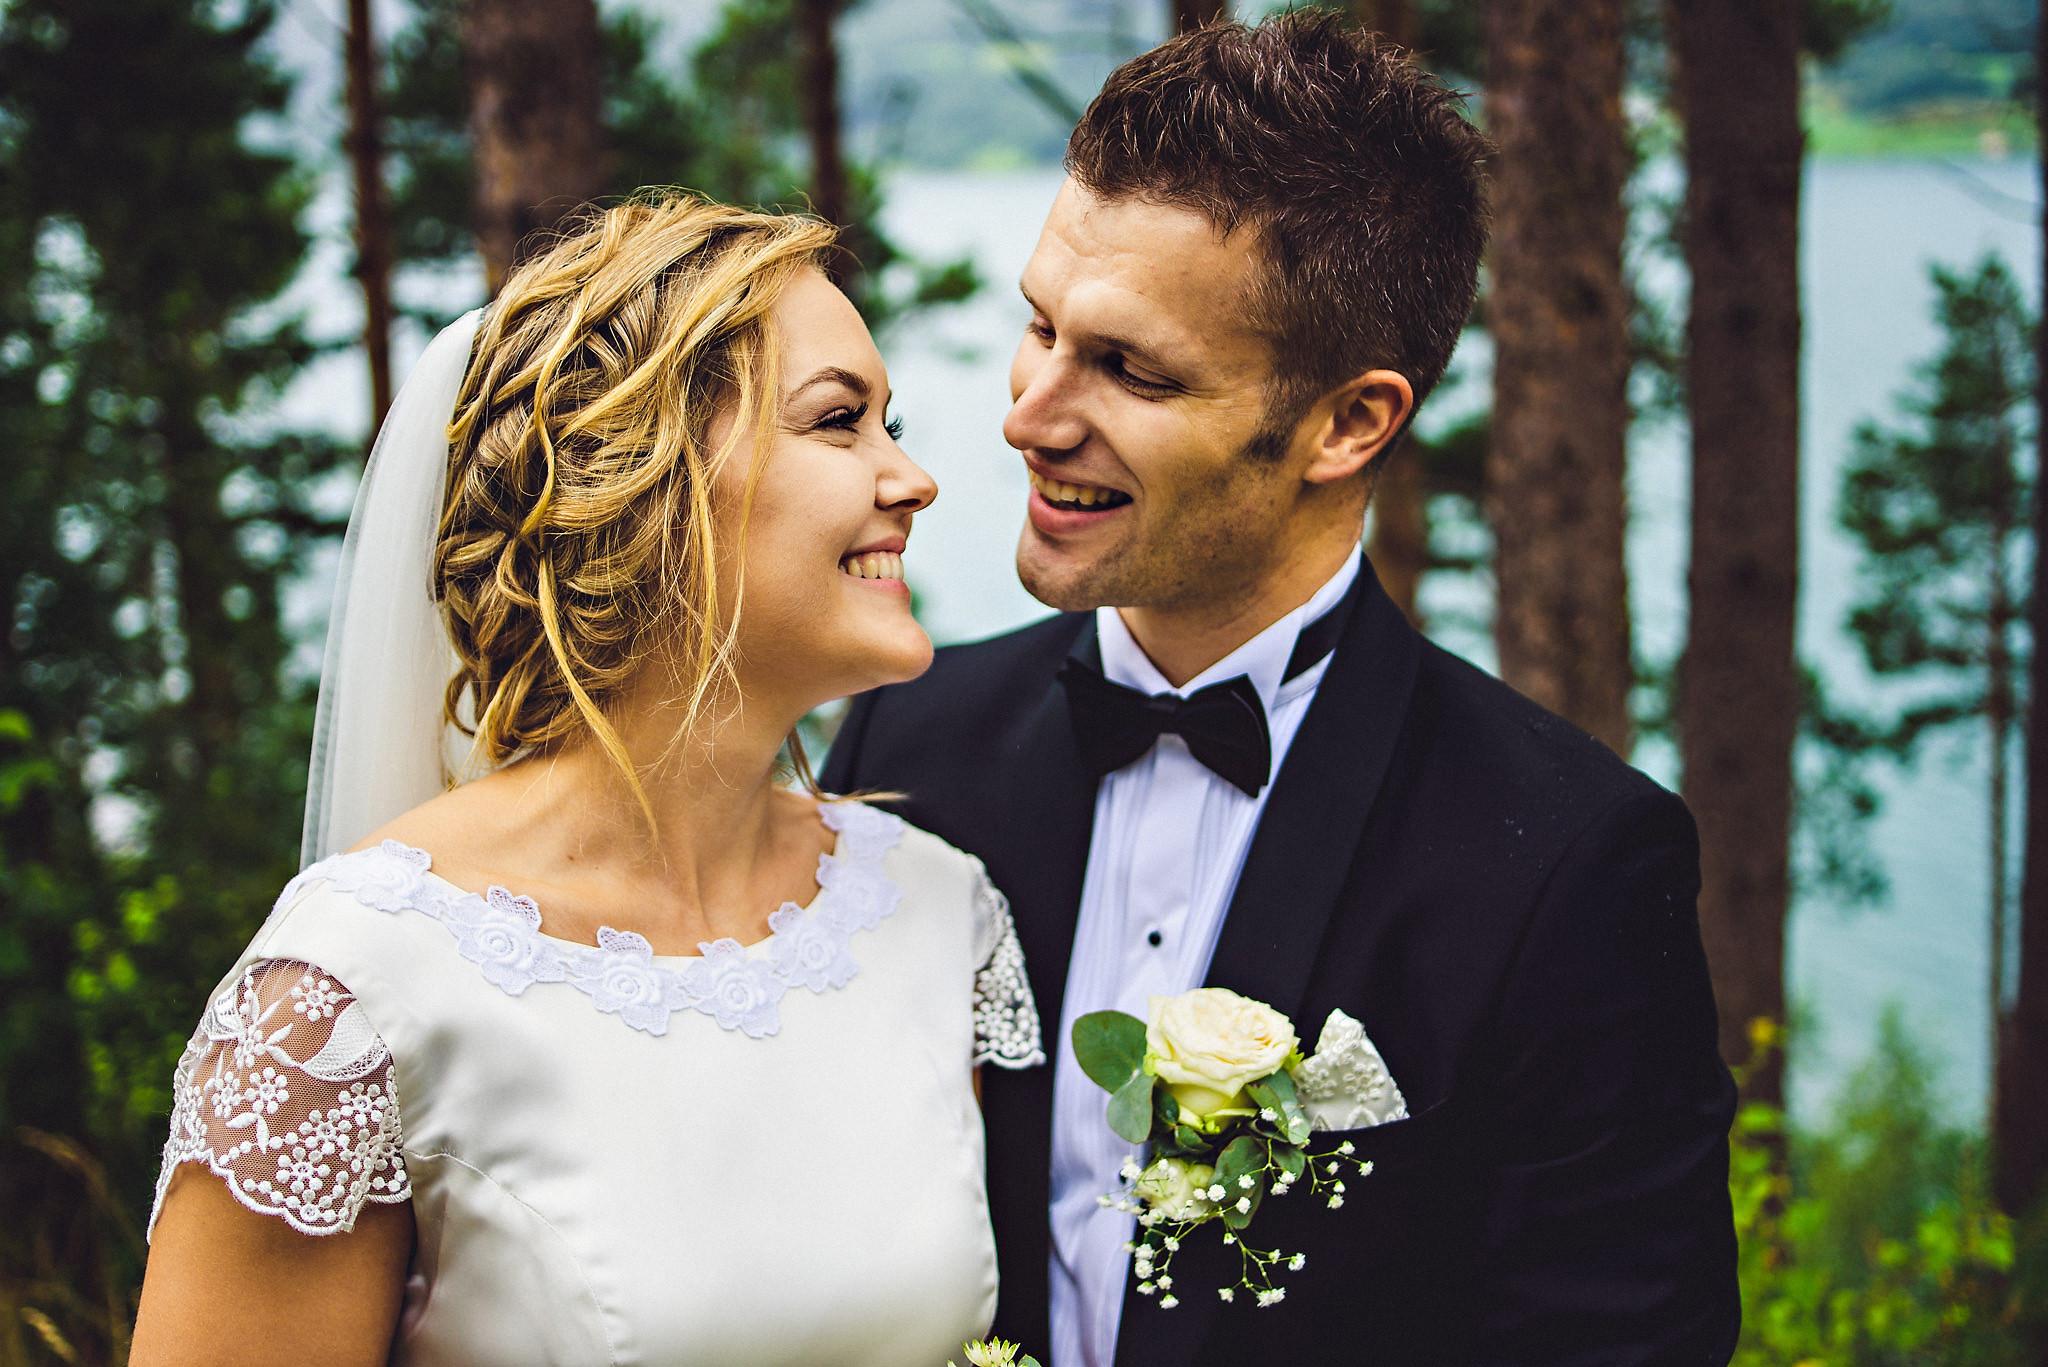 Eirik Halvorsen Hege og Andreas bryllup blog-40.jpg